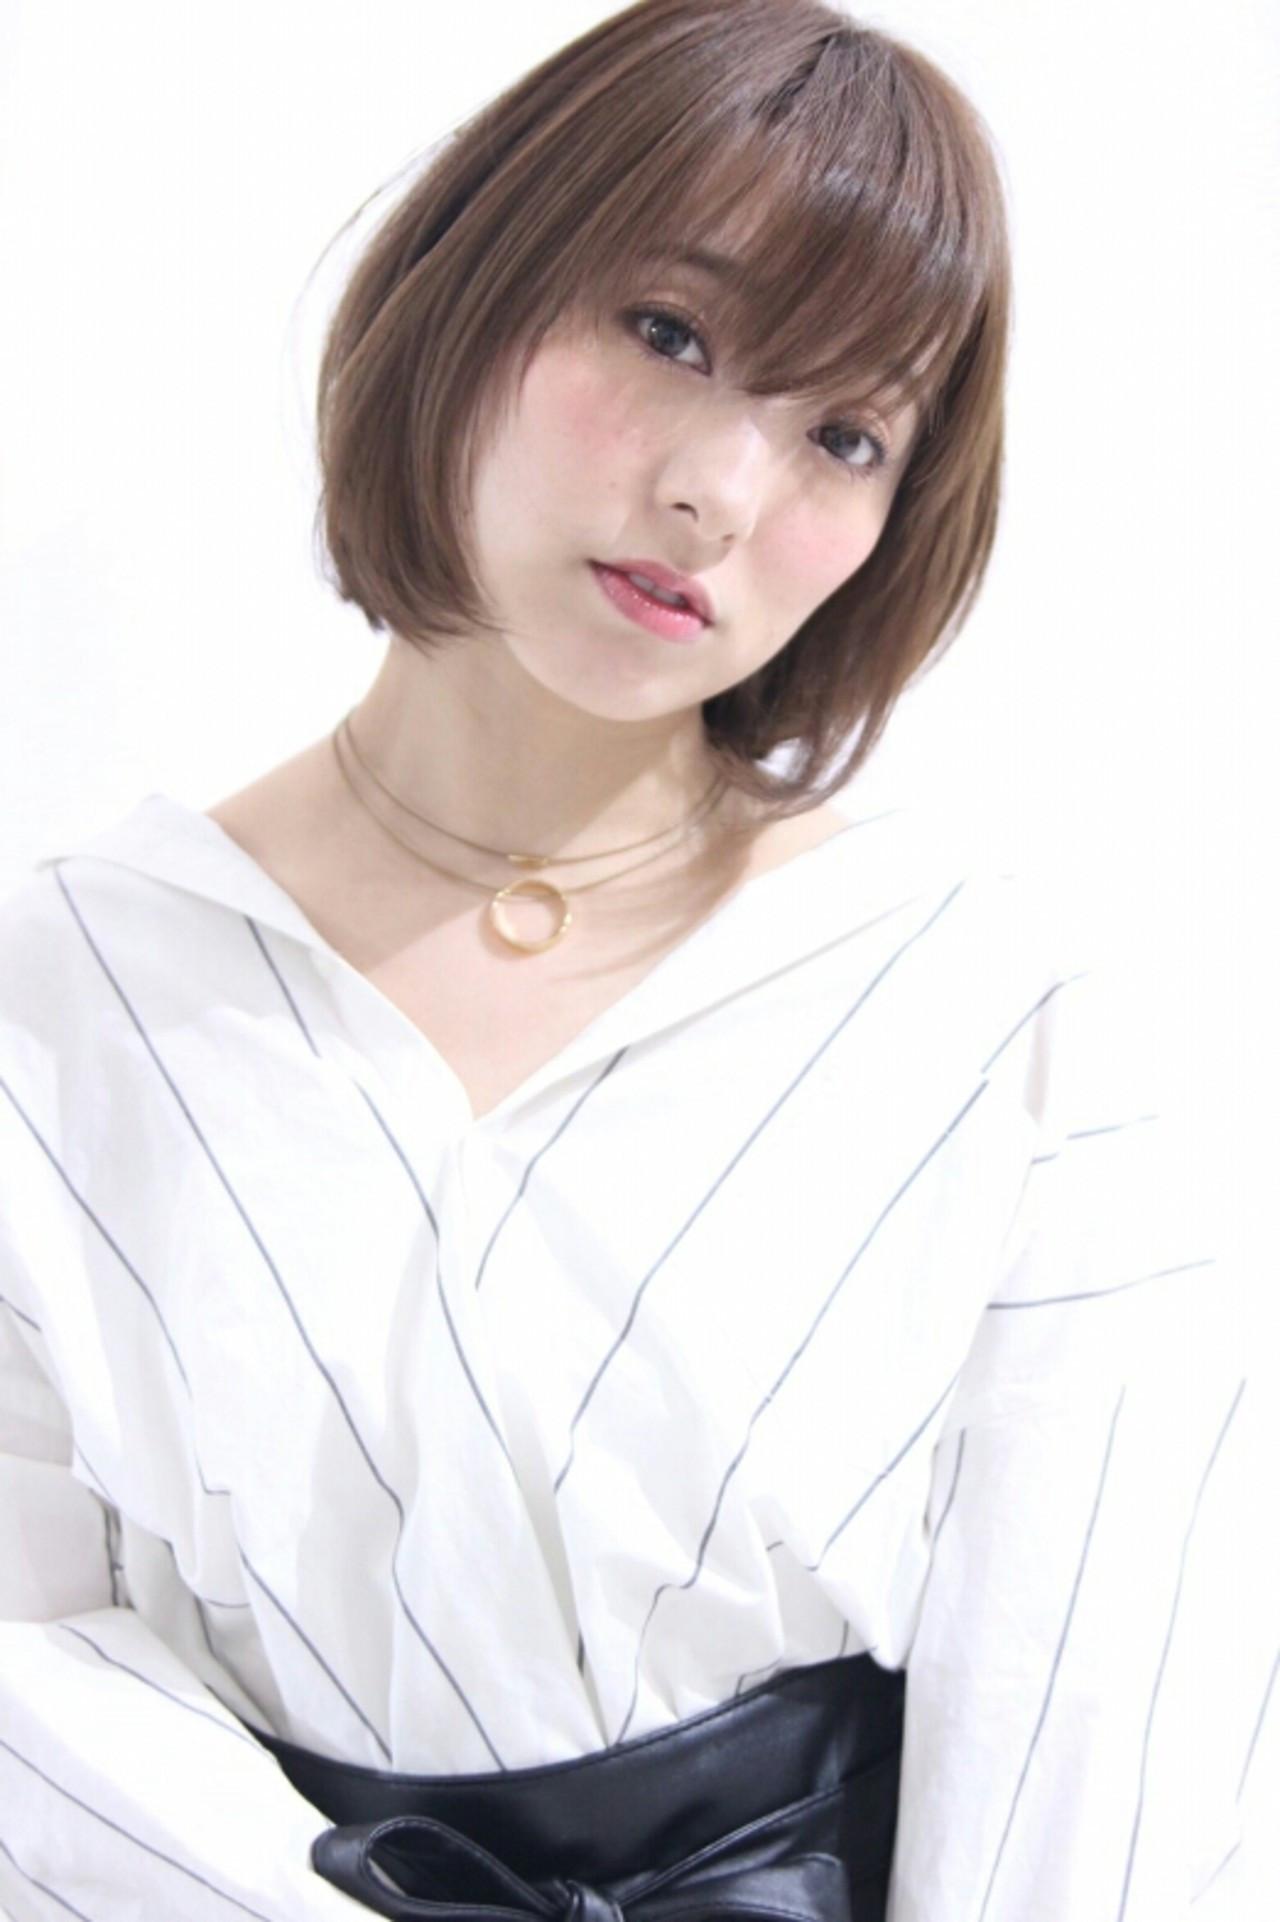 清楚で清潔感ある印象に!ショート×ストレートのおすすめスタイル10選 asuka